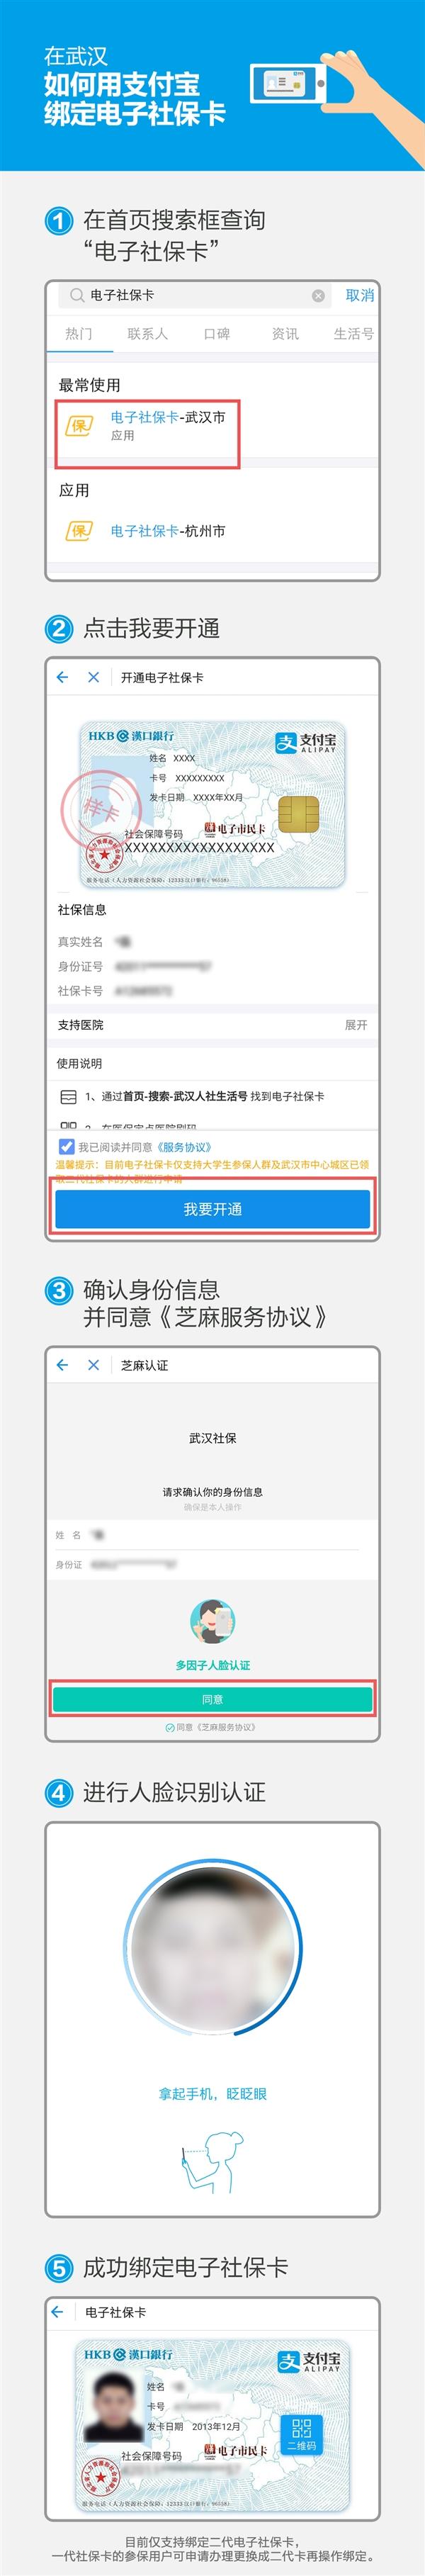 电子社保卡来了 武汉市民看病全程手机搞定